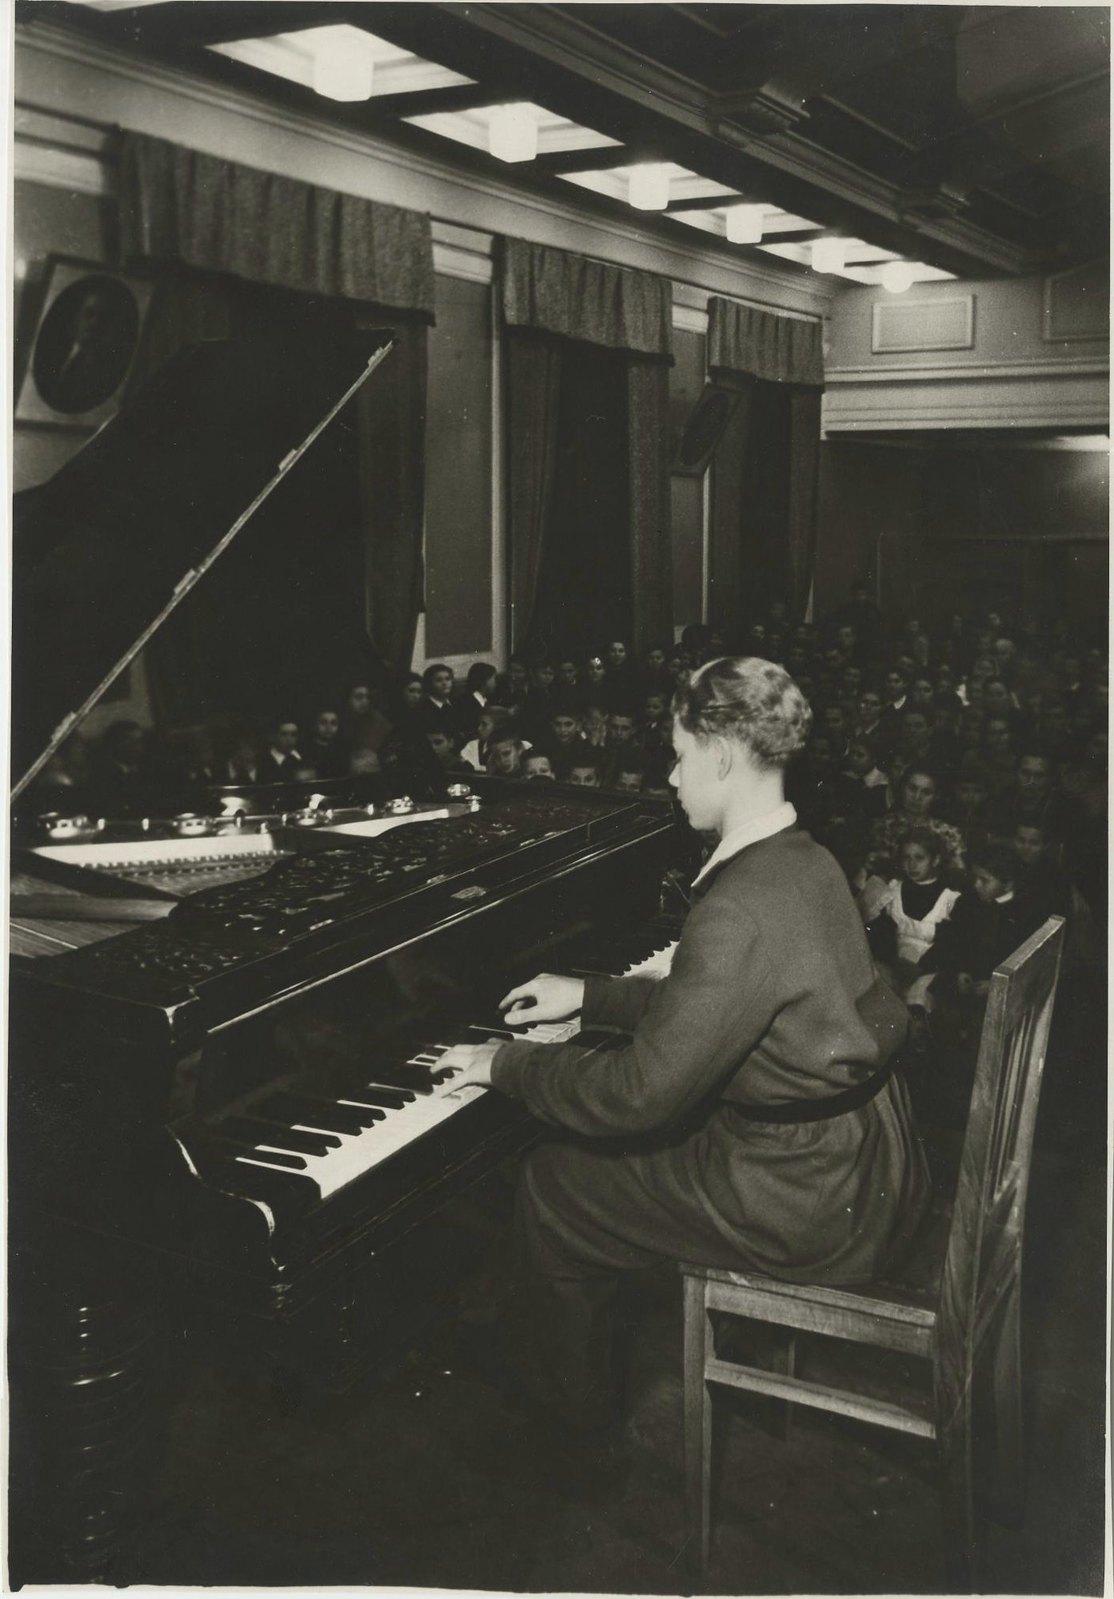 1955. В школе концерт; выступает ученик седьмого класса Володя Борисов